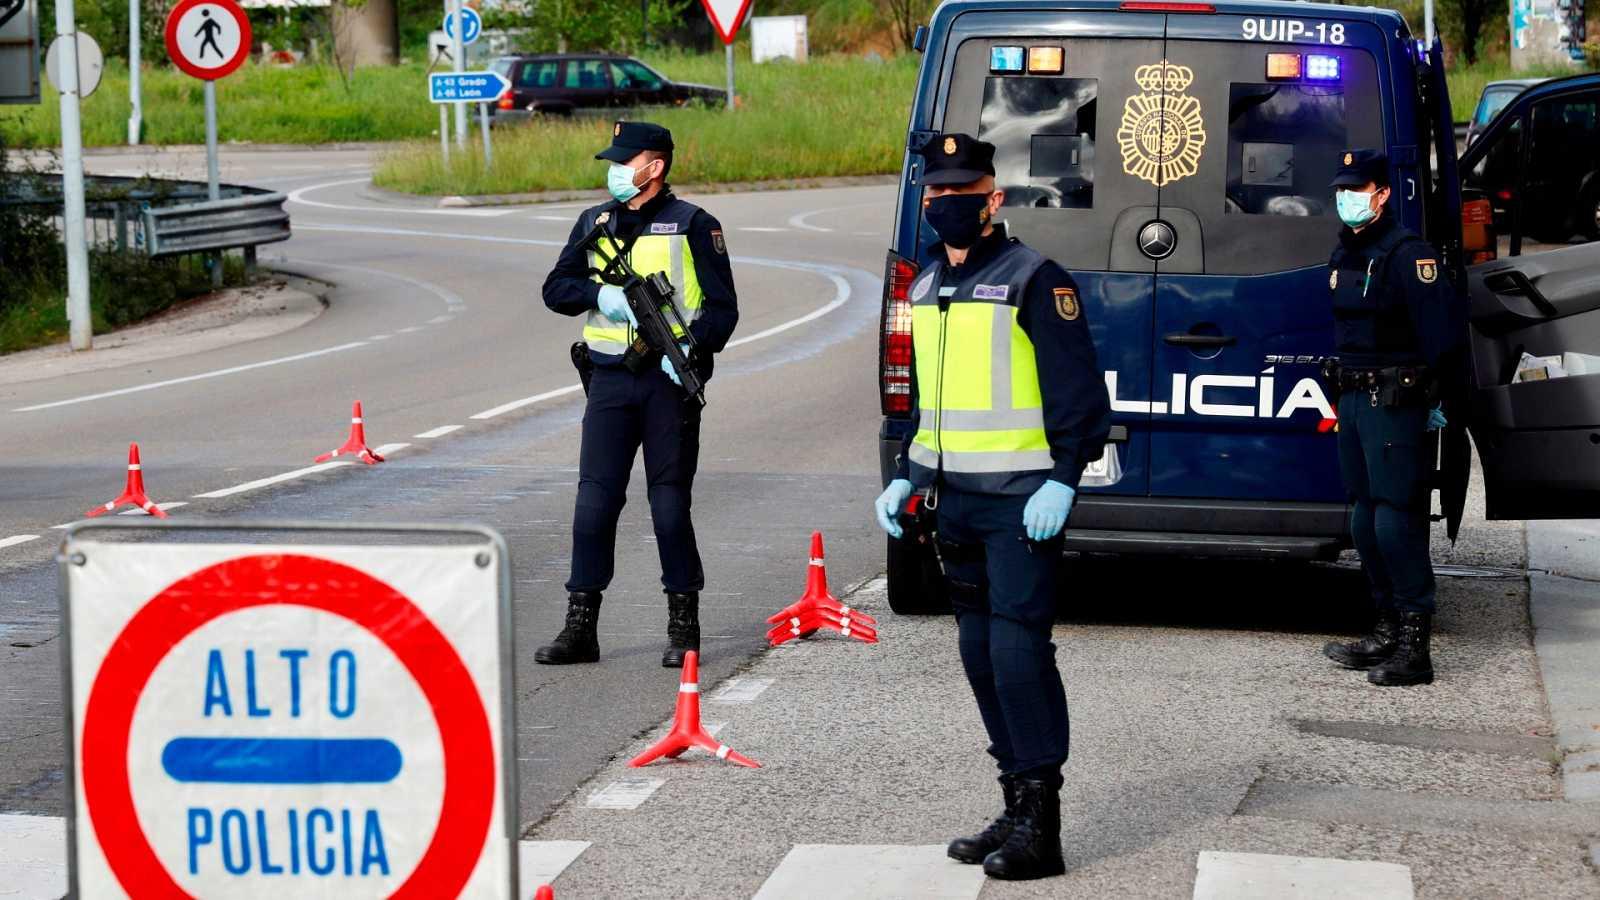 Más de 9.000 detenidos por incumplir el confinamiento durante el estado de alarma